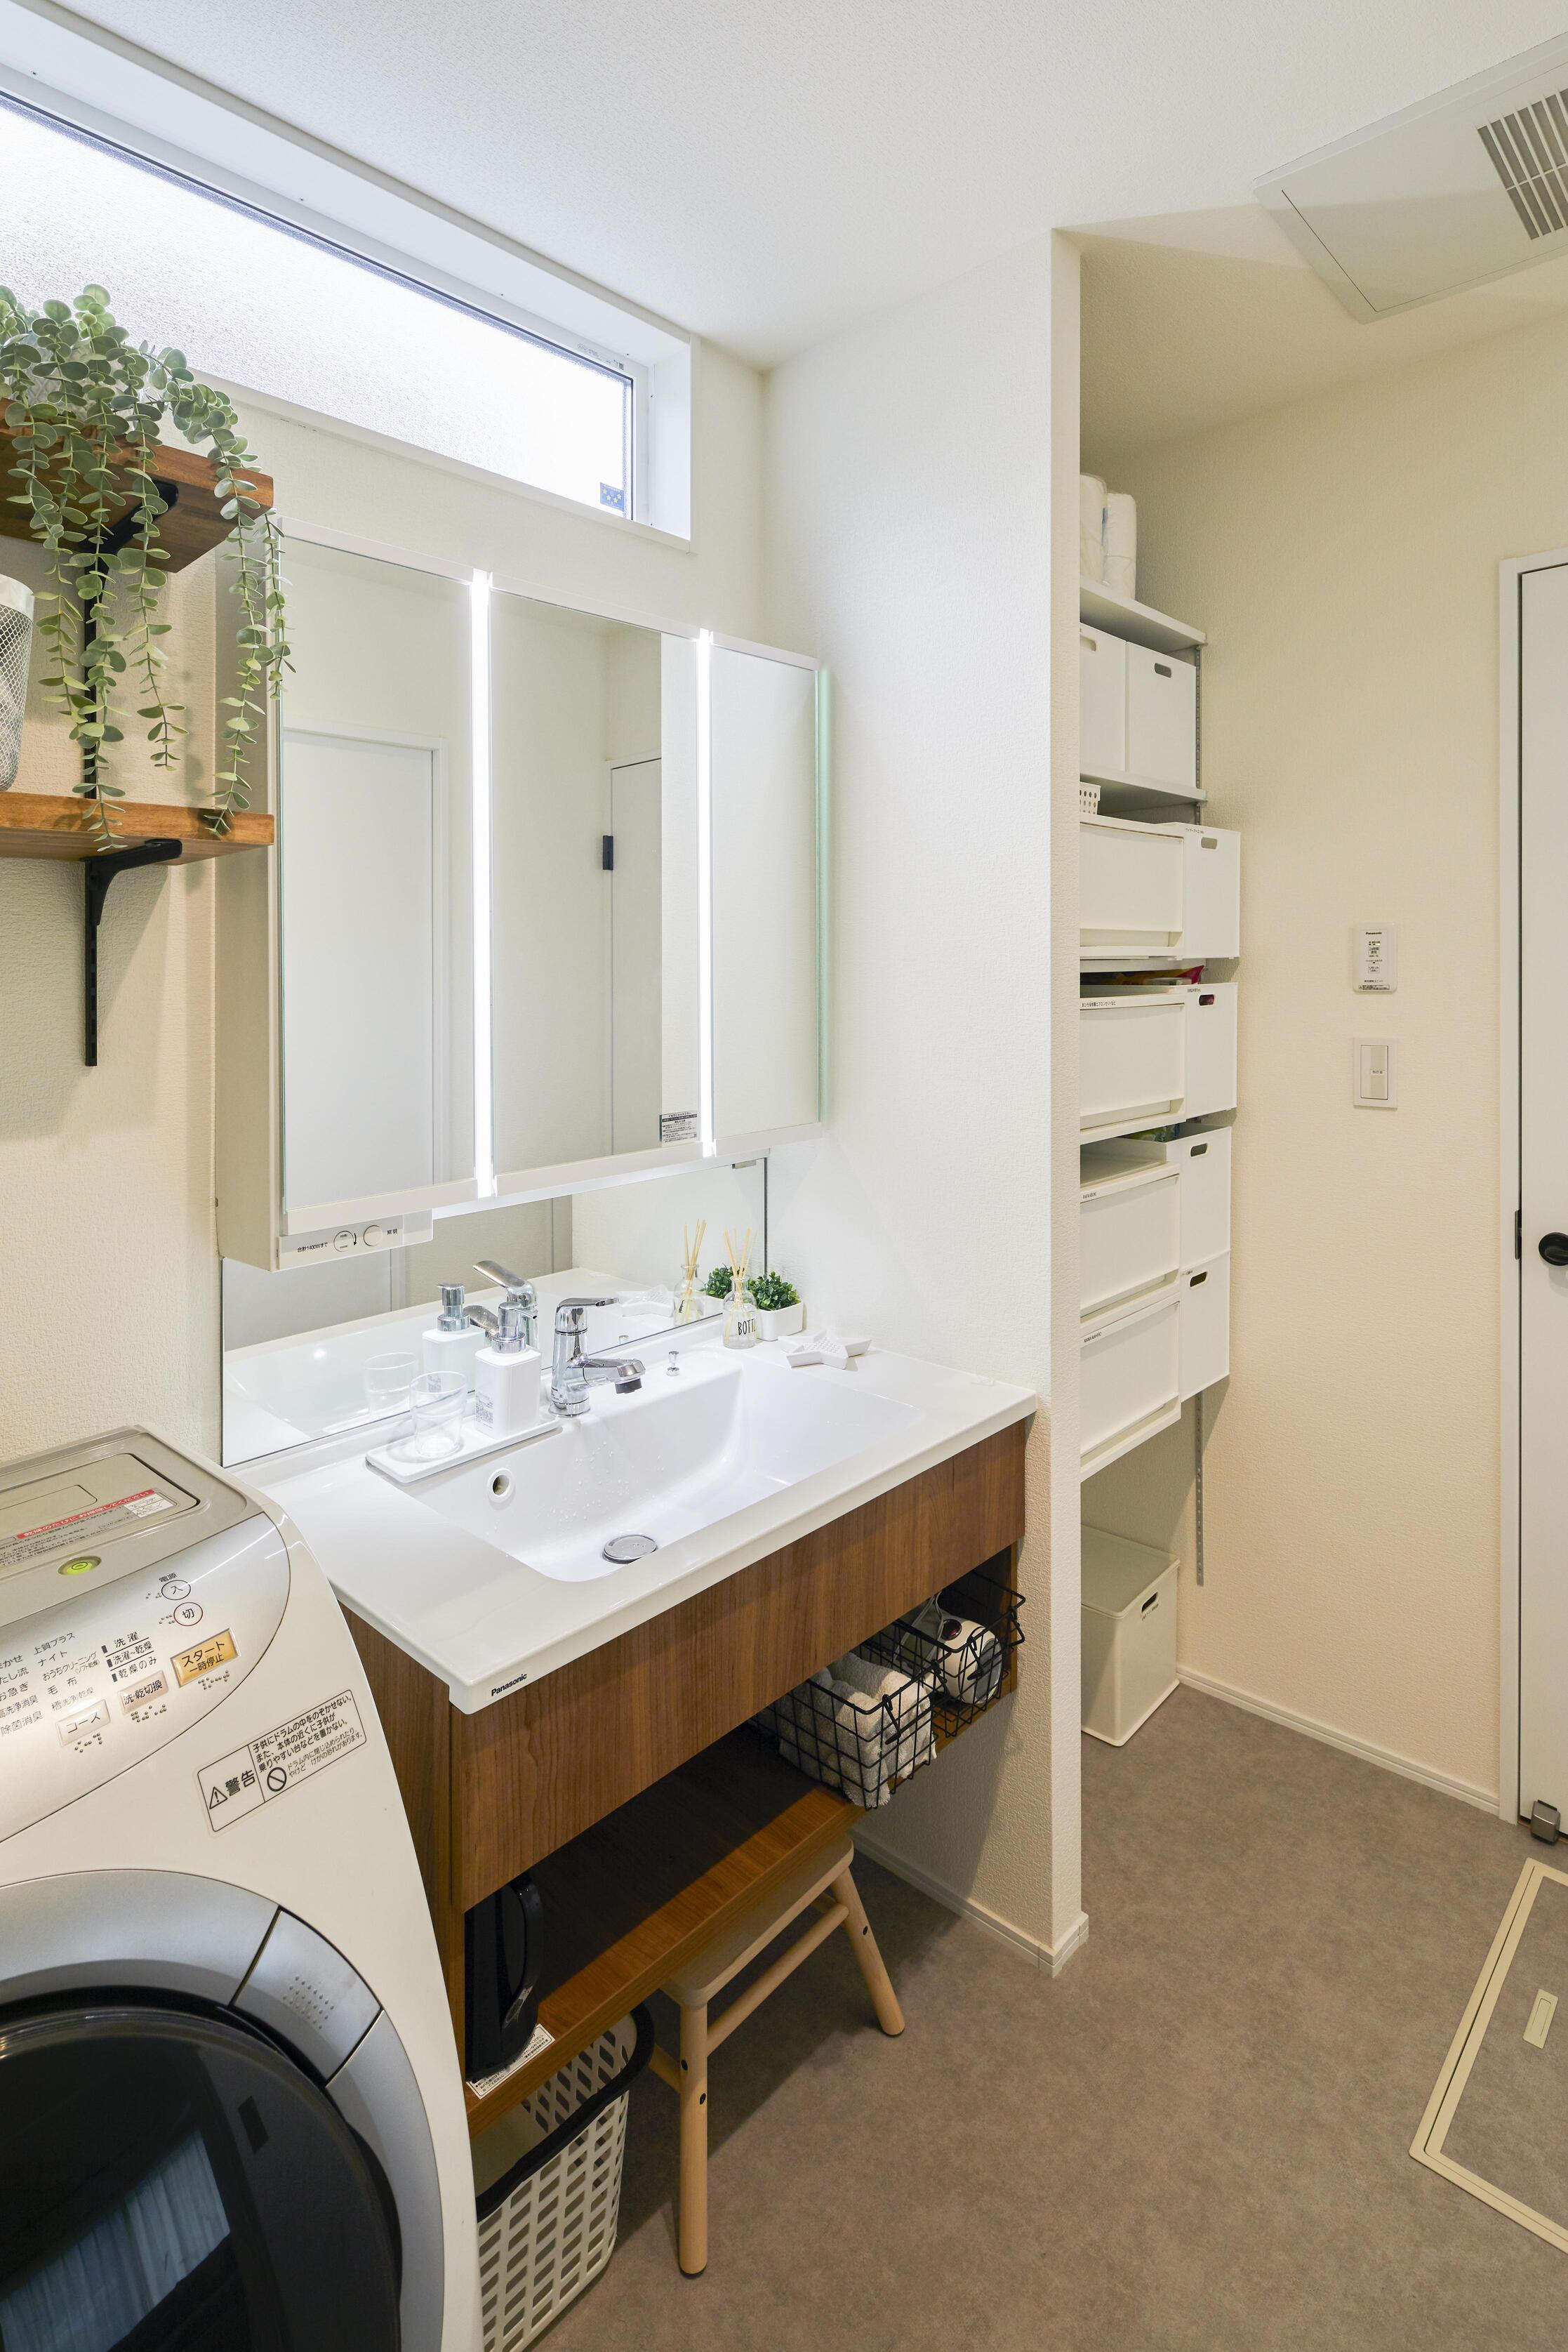 洗面台はフロートタイプを採用。可動棚を設置し収納にも困らない